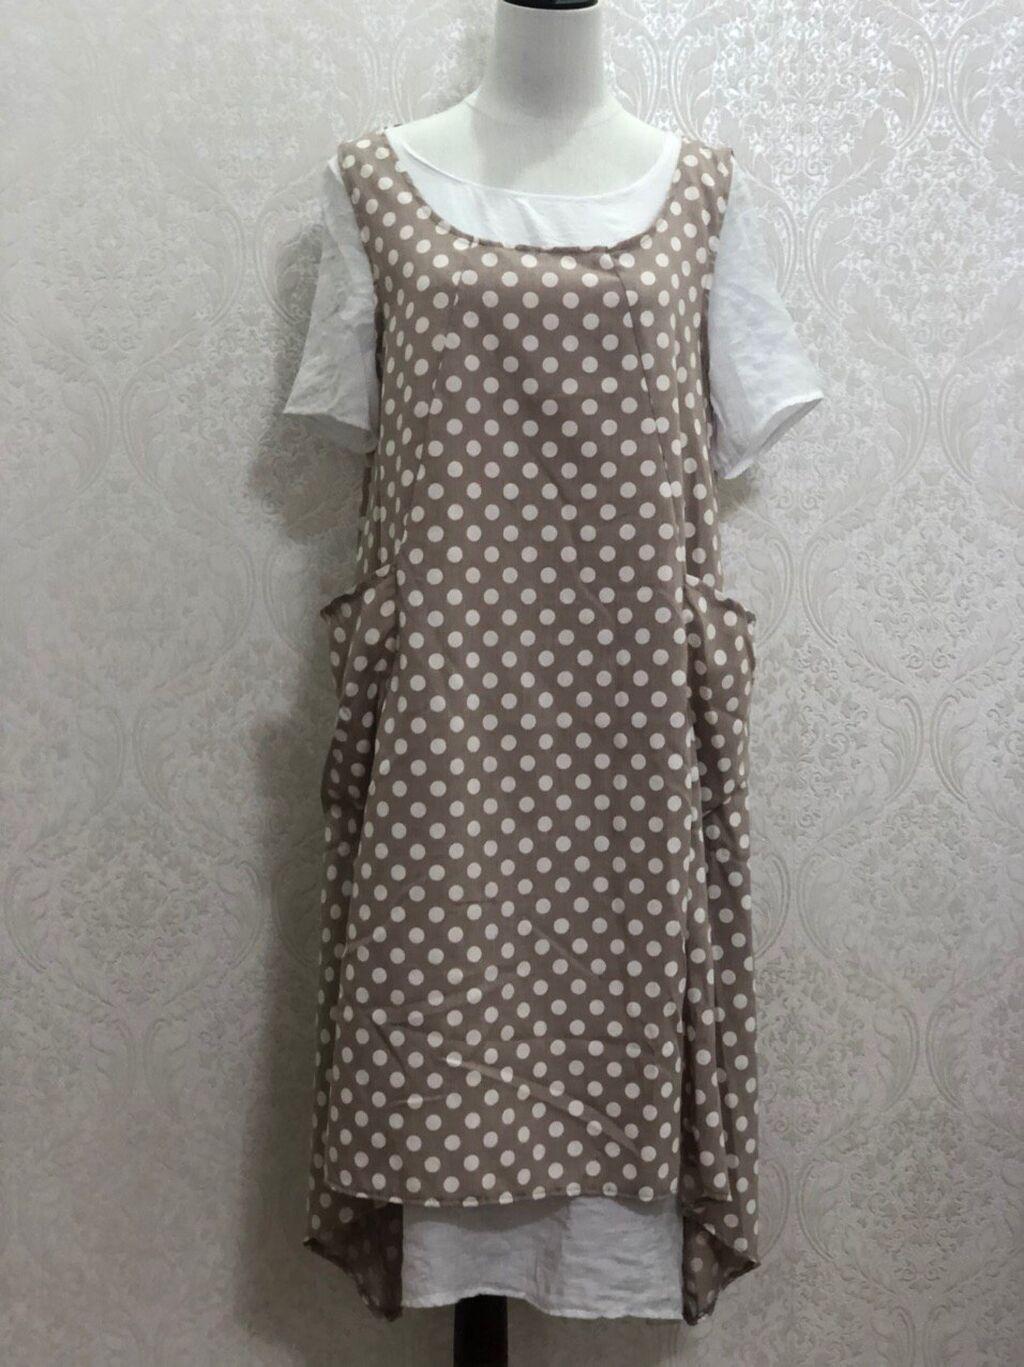 Продаю женскую одежду по оптовым ценам,цены от 600 до 1200,ликвидация товара зима,лето